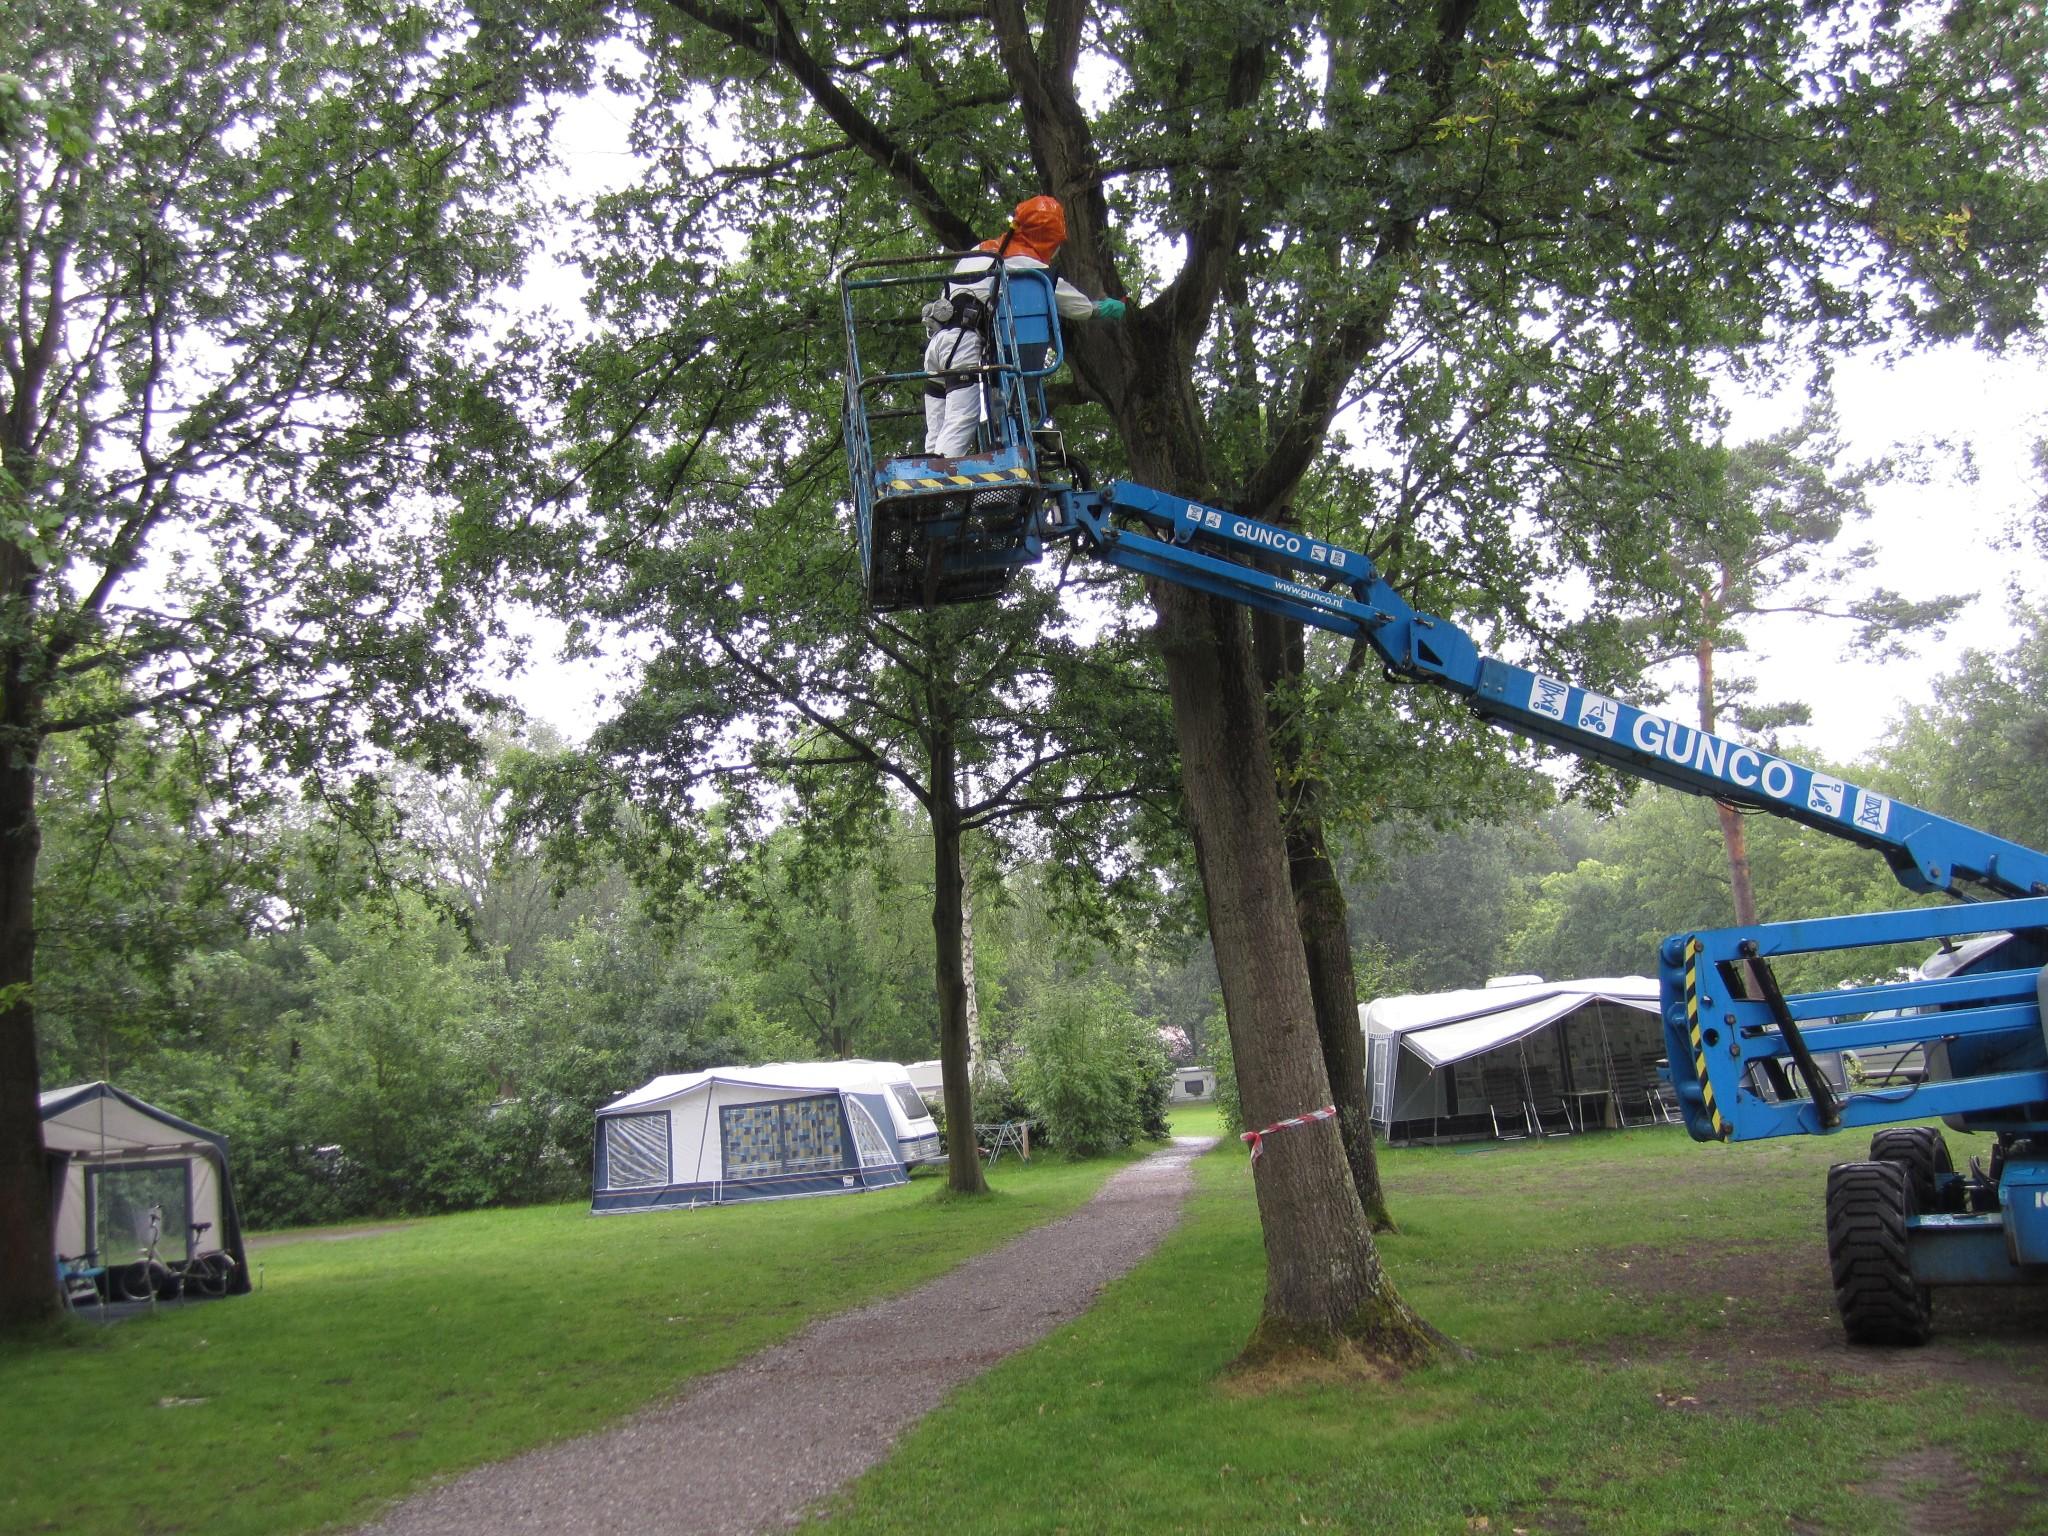 Photo: Eiken prosessierups bestrijding door snijderboomverzorging d.m.v brandtechnieken met hoogwerker, op camping in hoeven. (Brabant